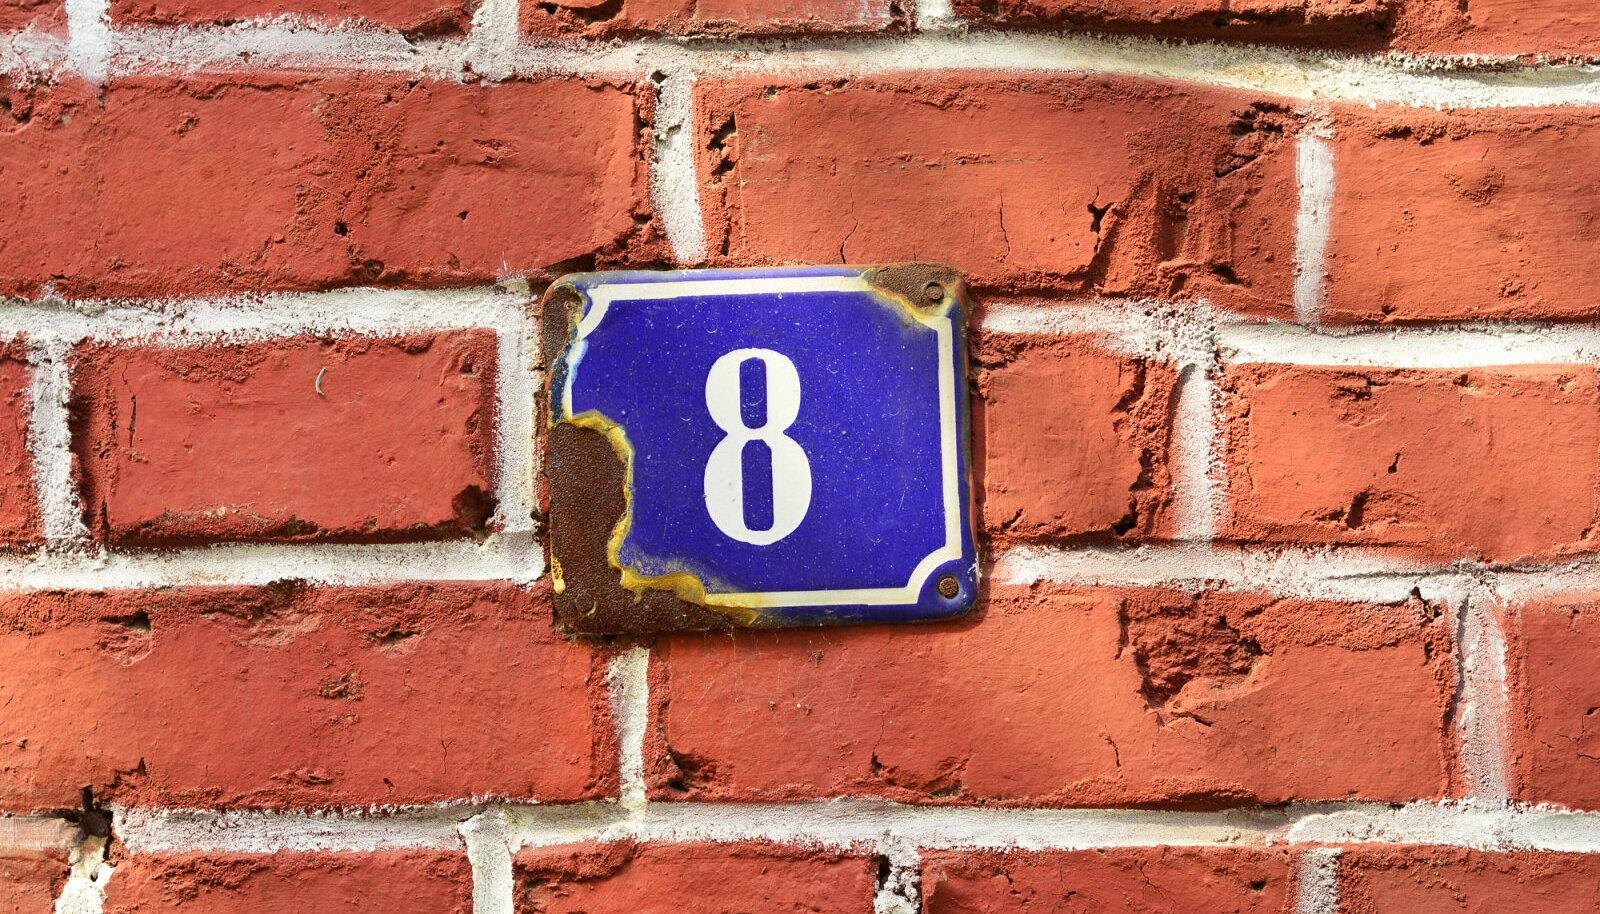 Kaheksa on viljakuse märk, mida kasutatakse maagias